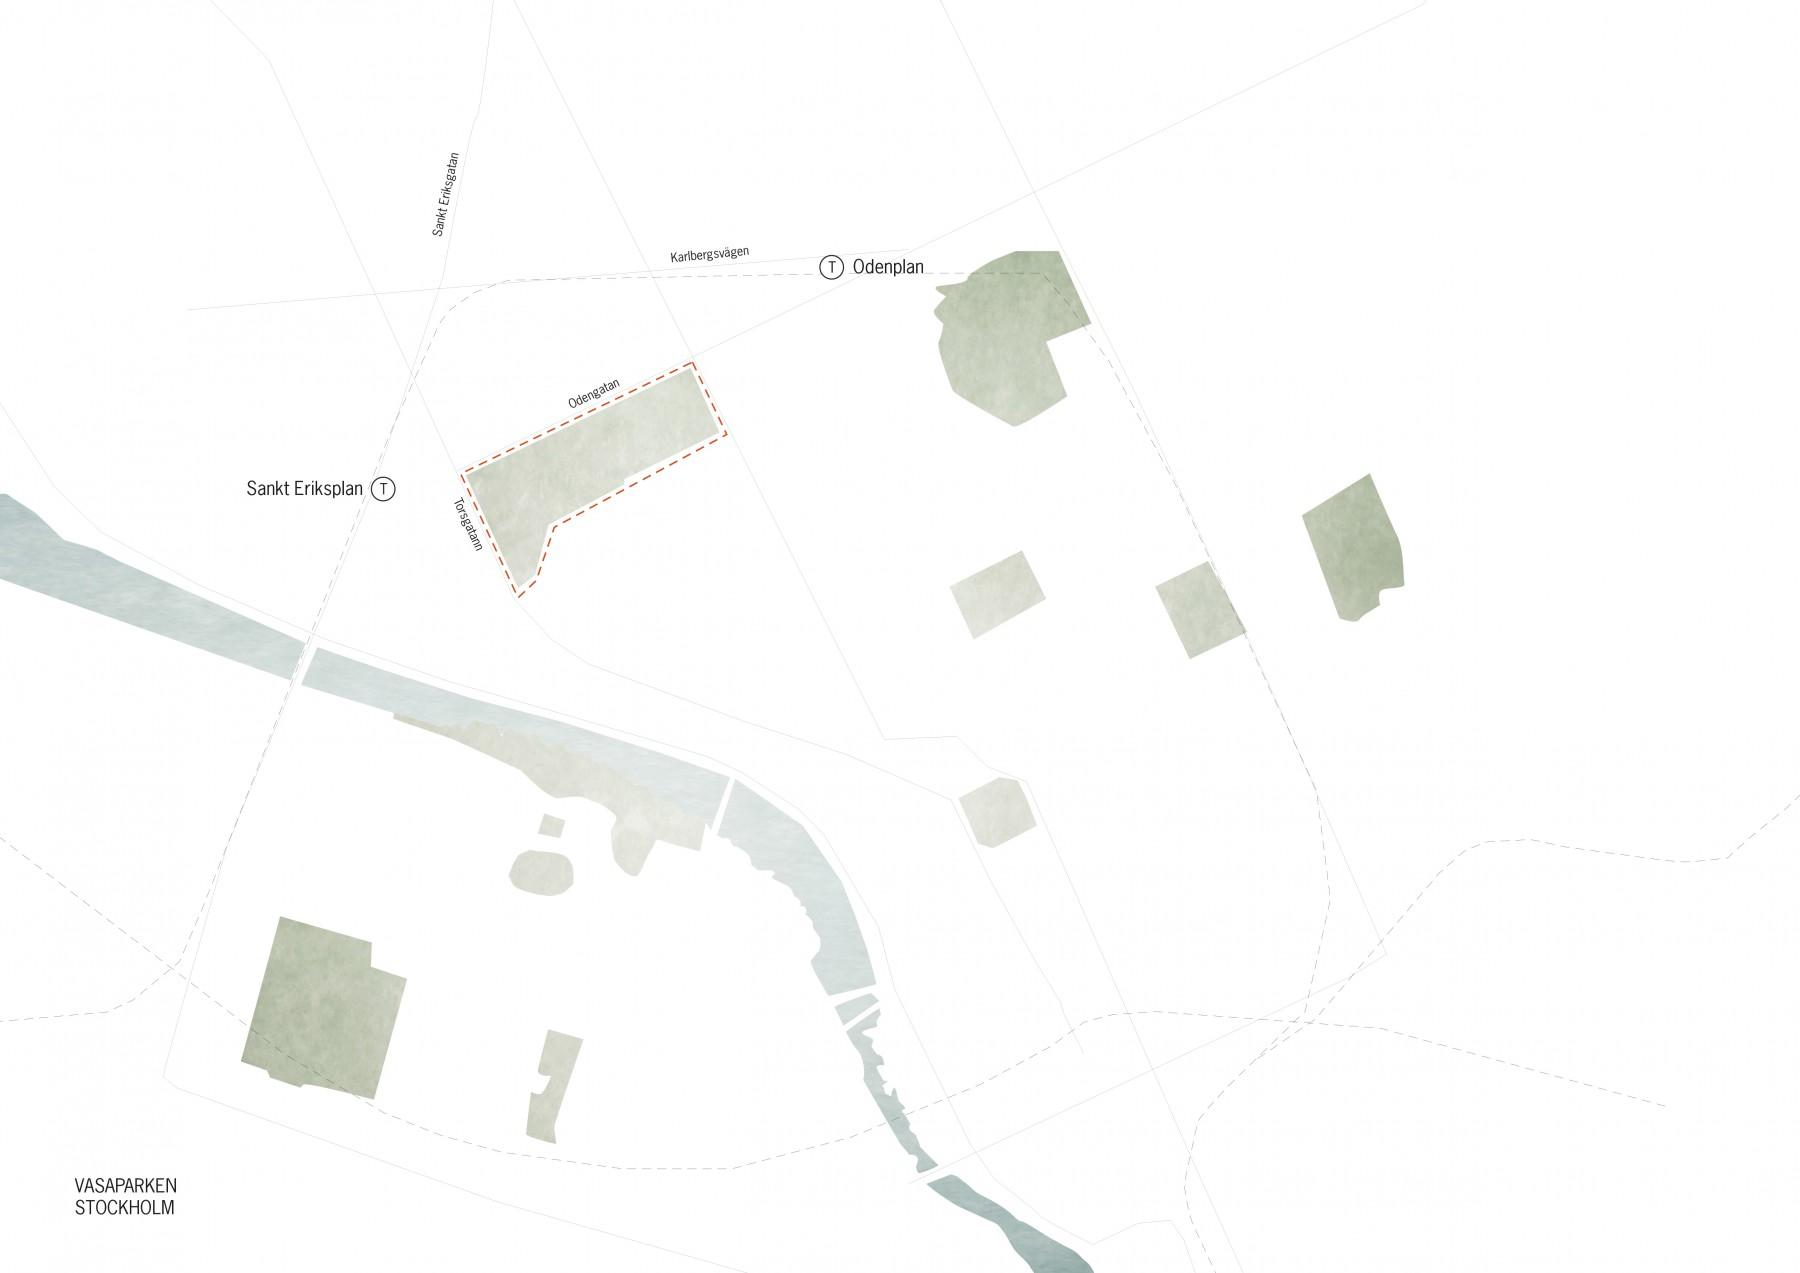 Vasaparken_LAND_2007_karta